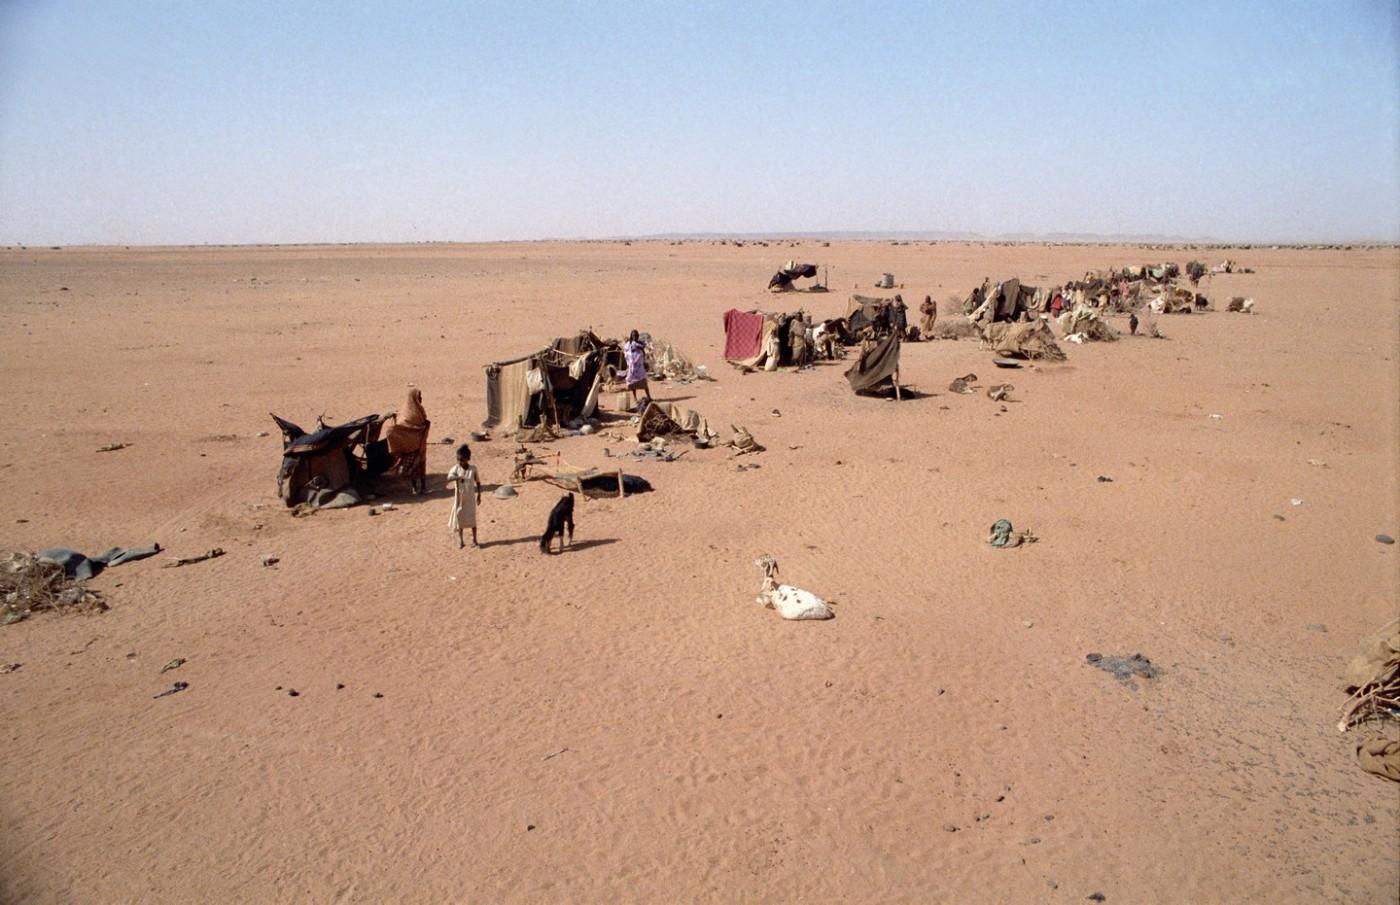 khartoum_refugees1440x931